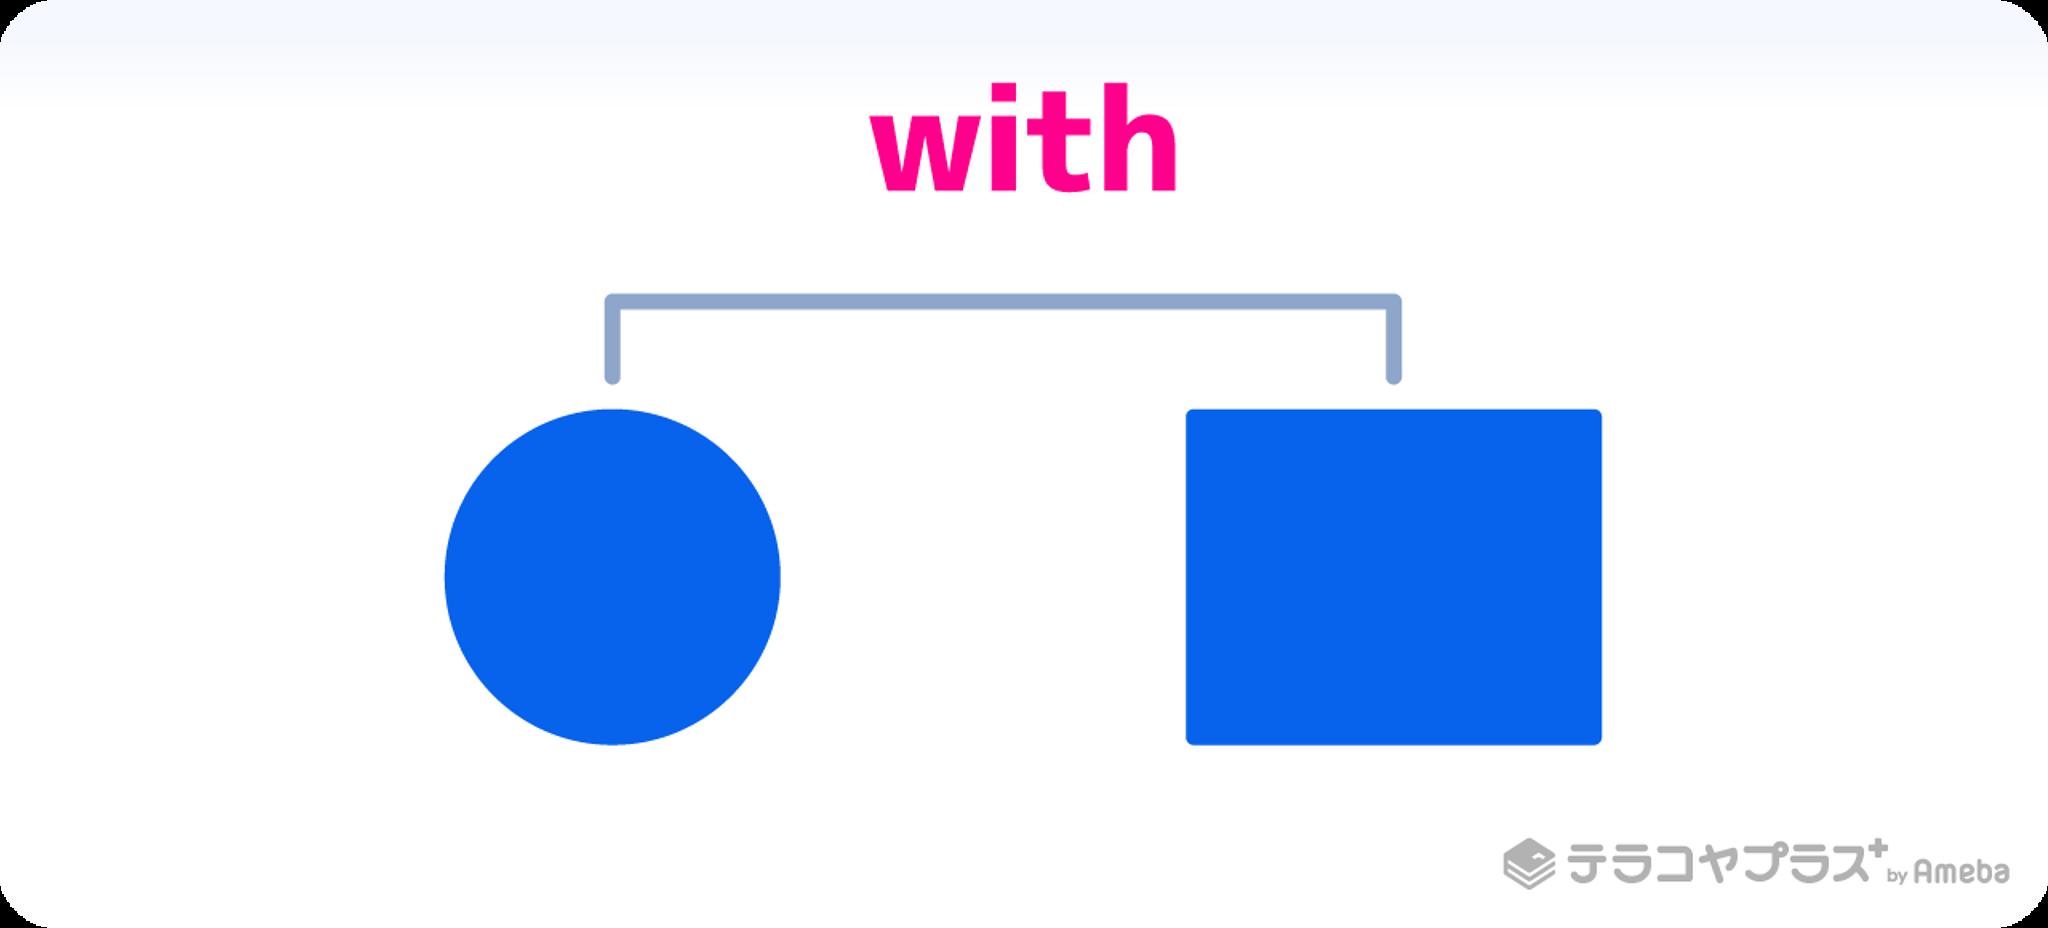 前置詞withのイメージ